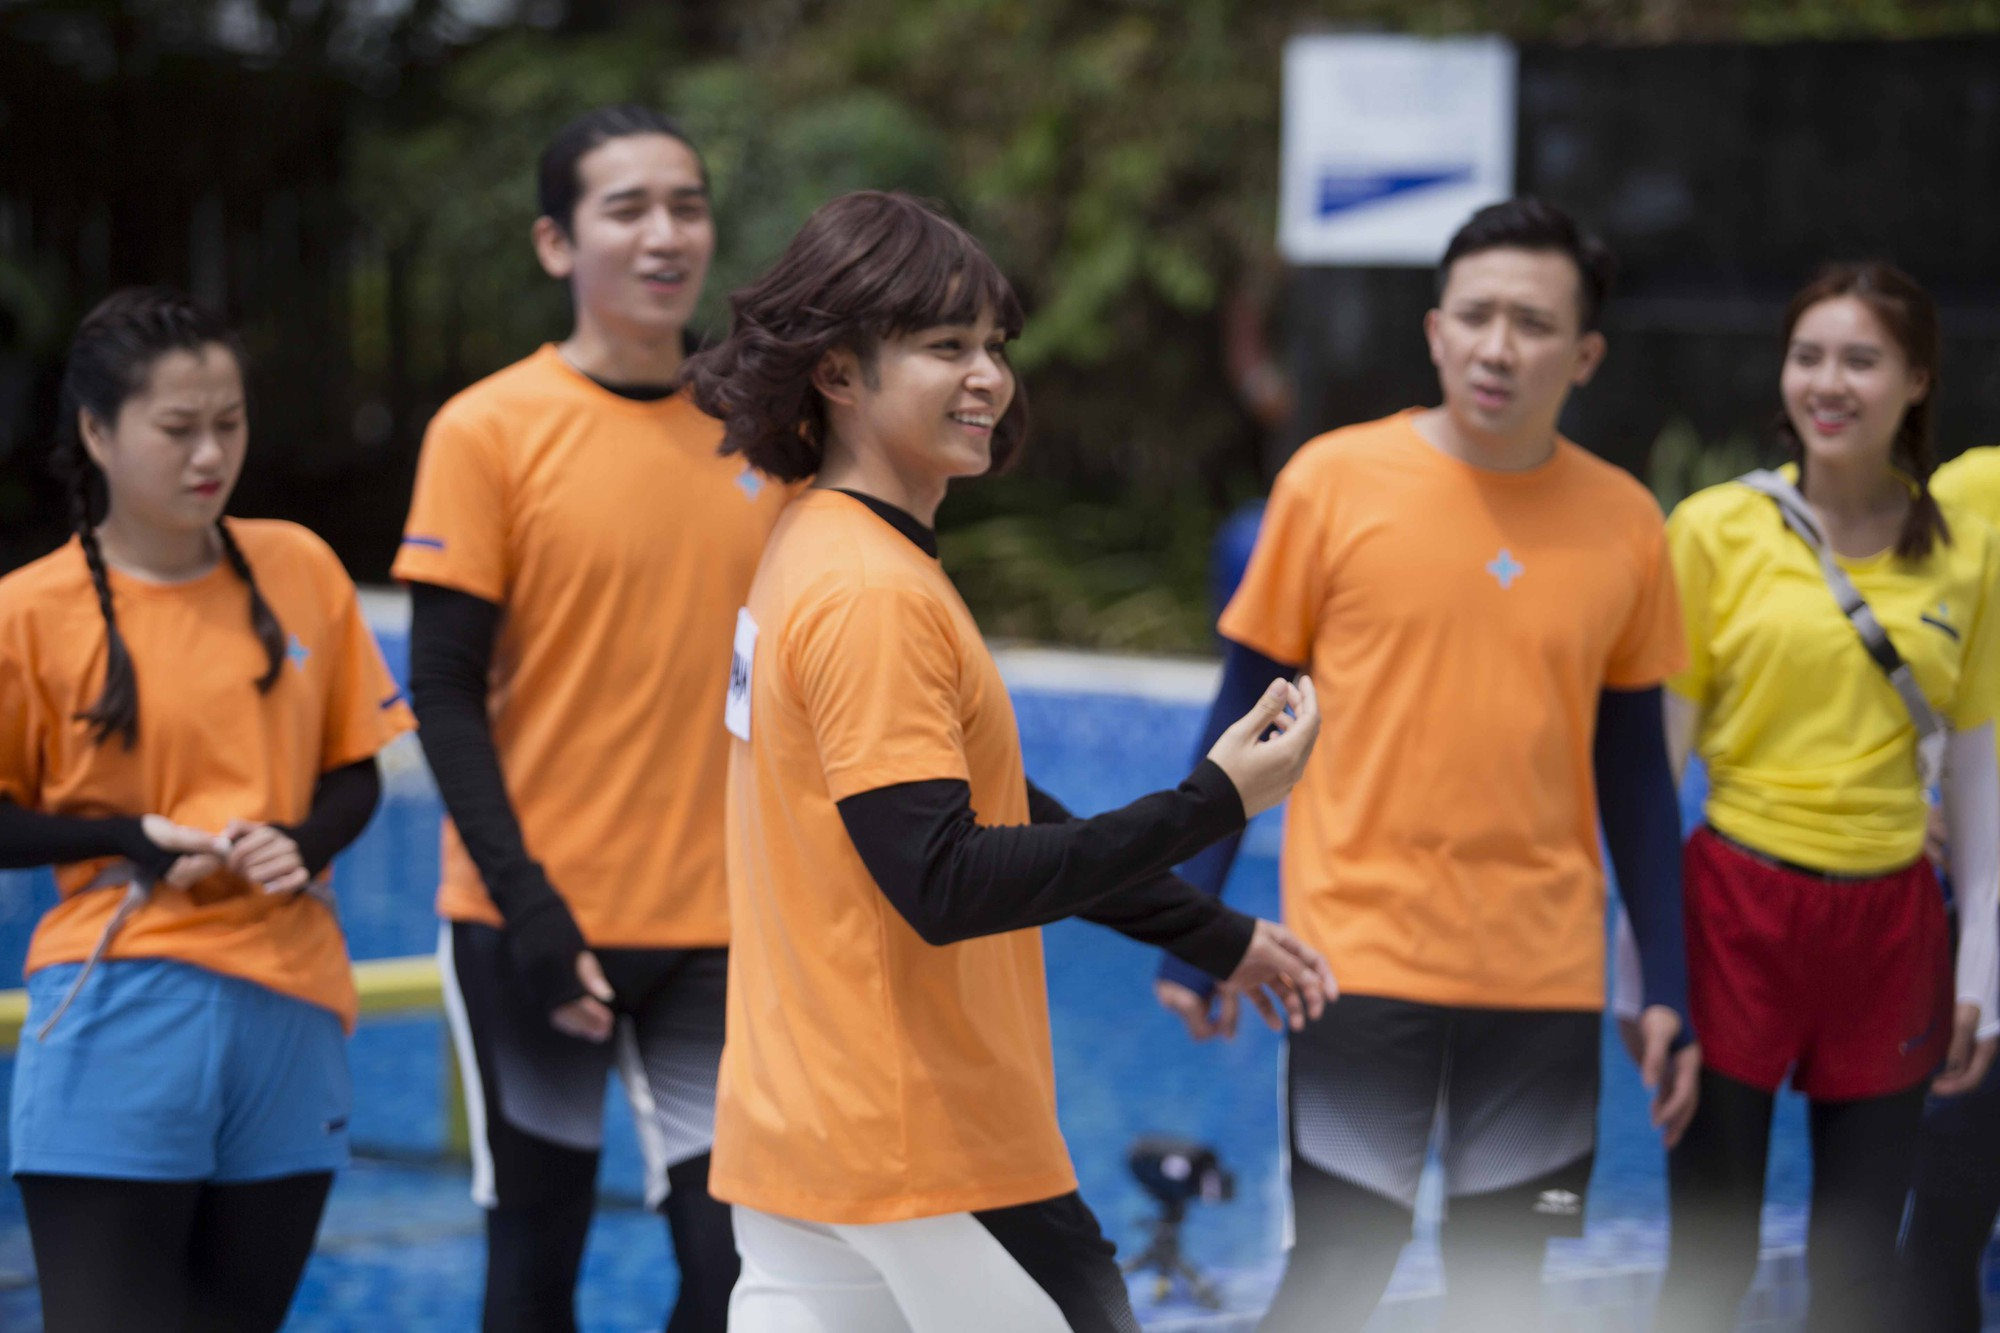 Nhìn lại những khoảnh khắc tình cảm của Running Man Việt và nghe dàn cast tâm sự sau mùa đầu tiên - Ảnh 11.